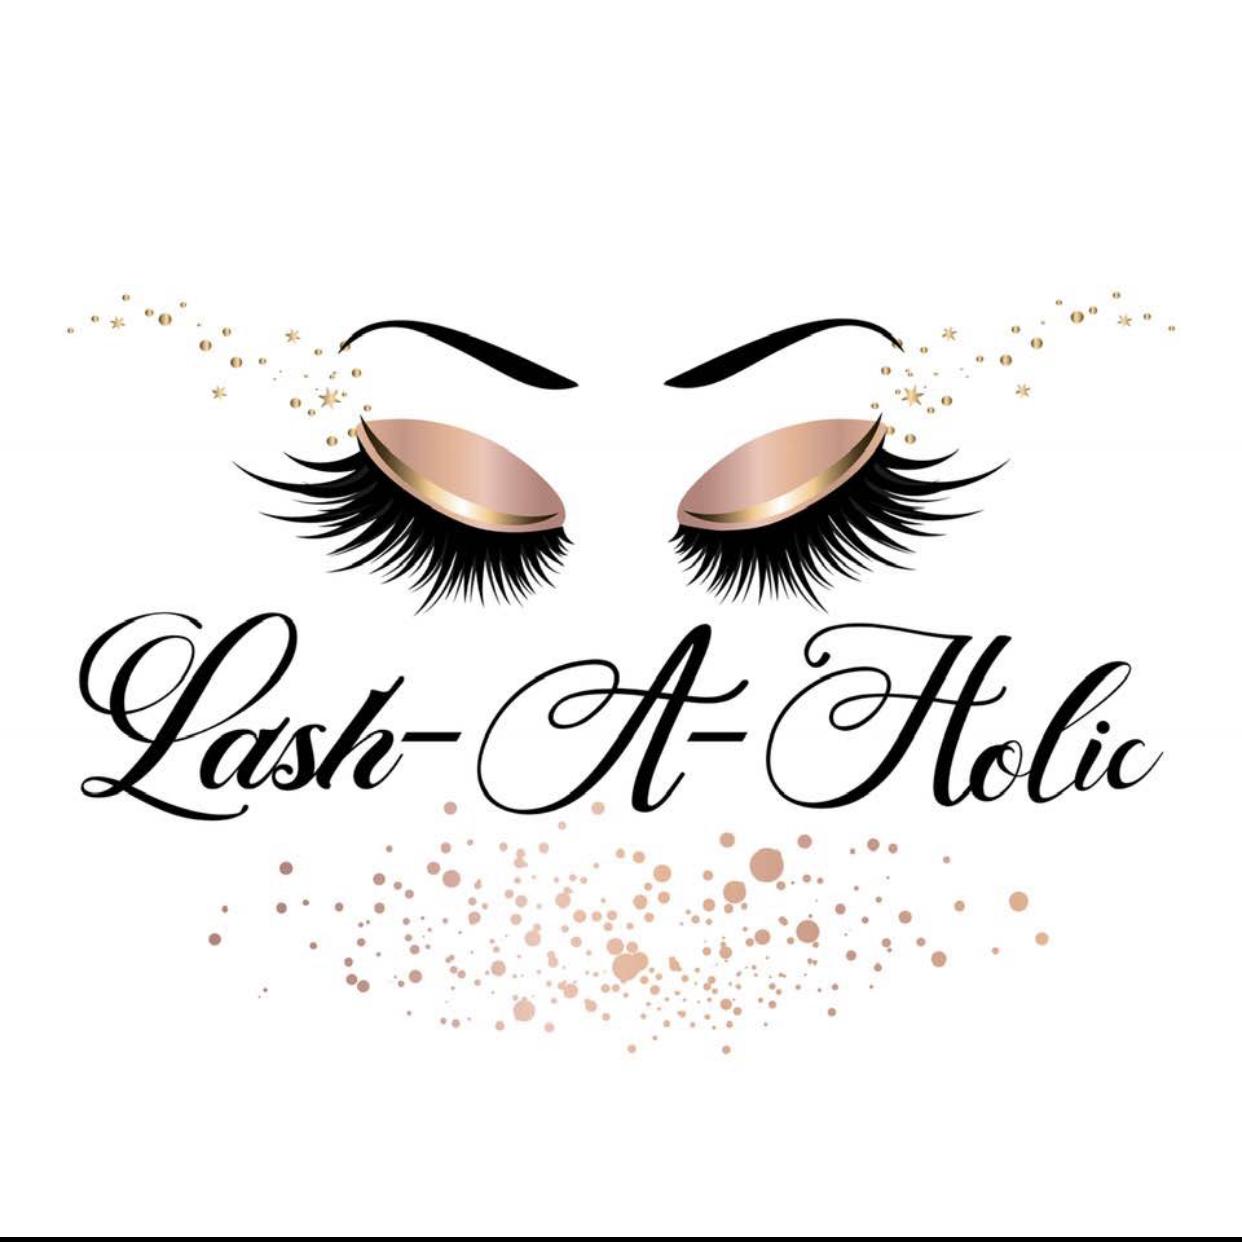 Lash-A-Holic